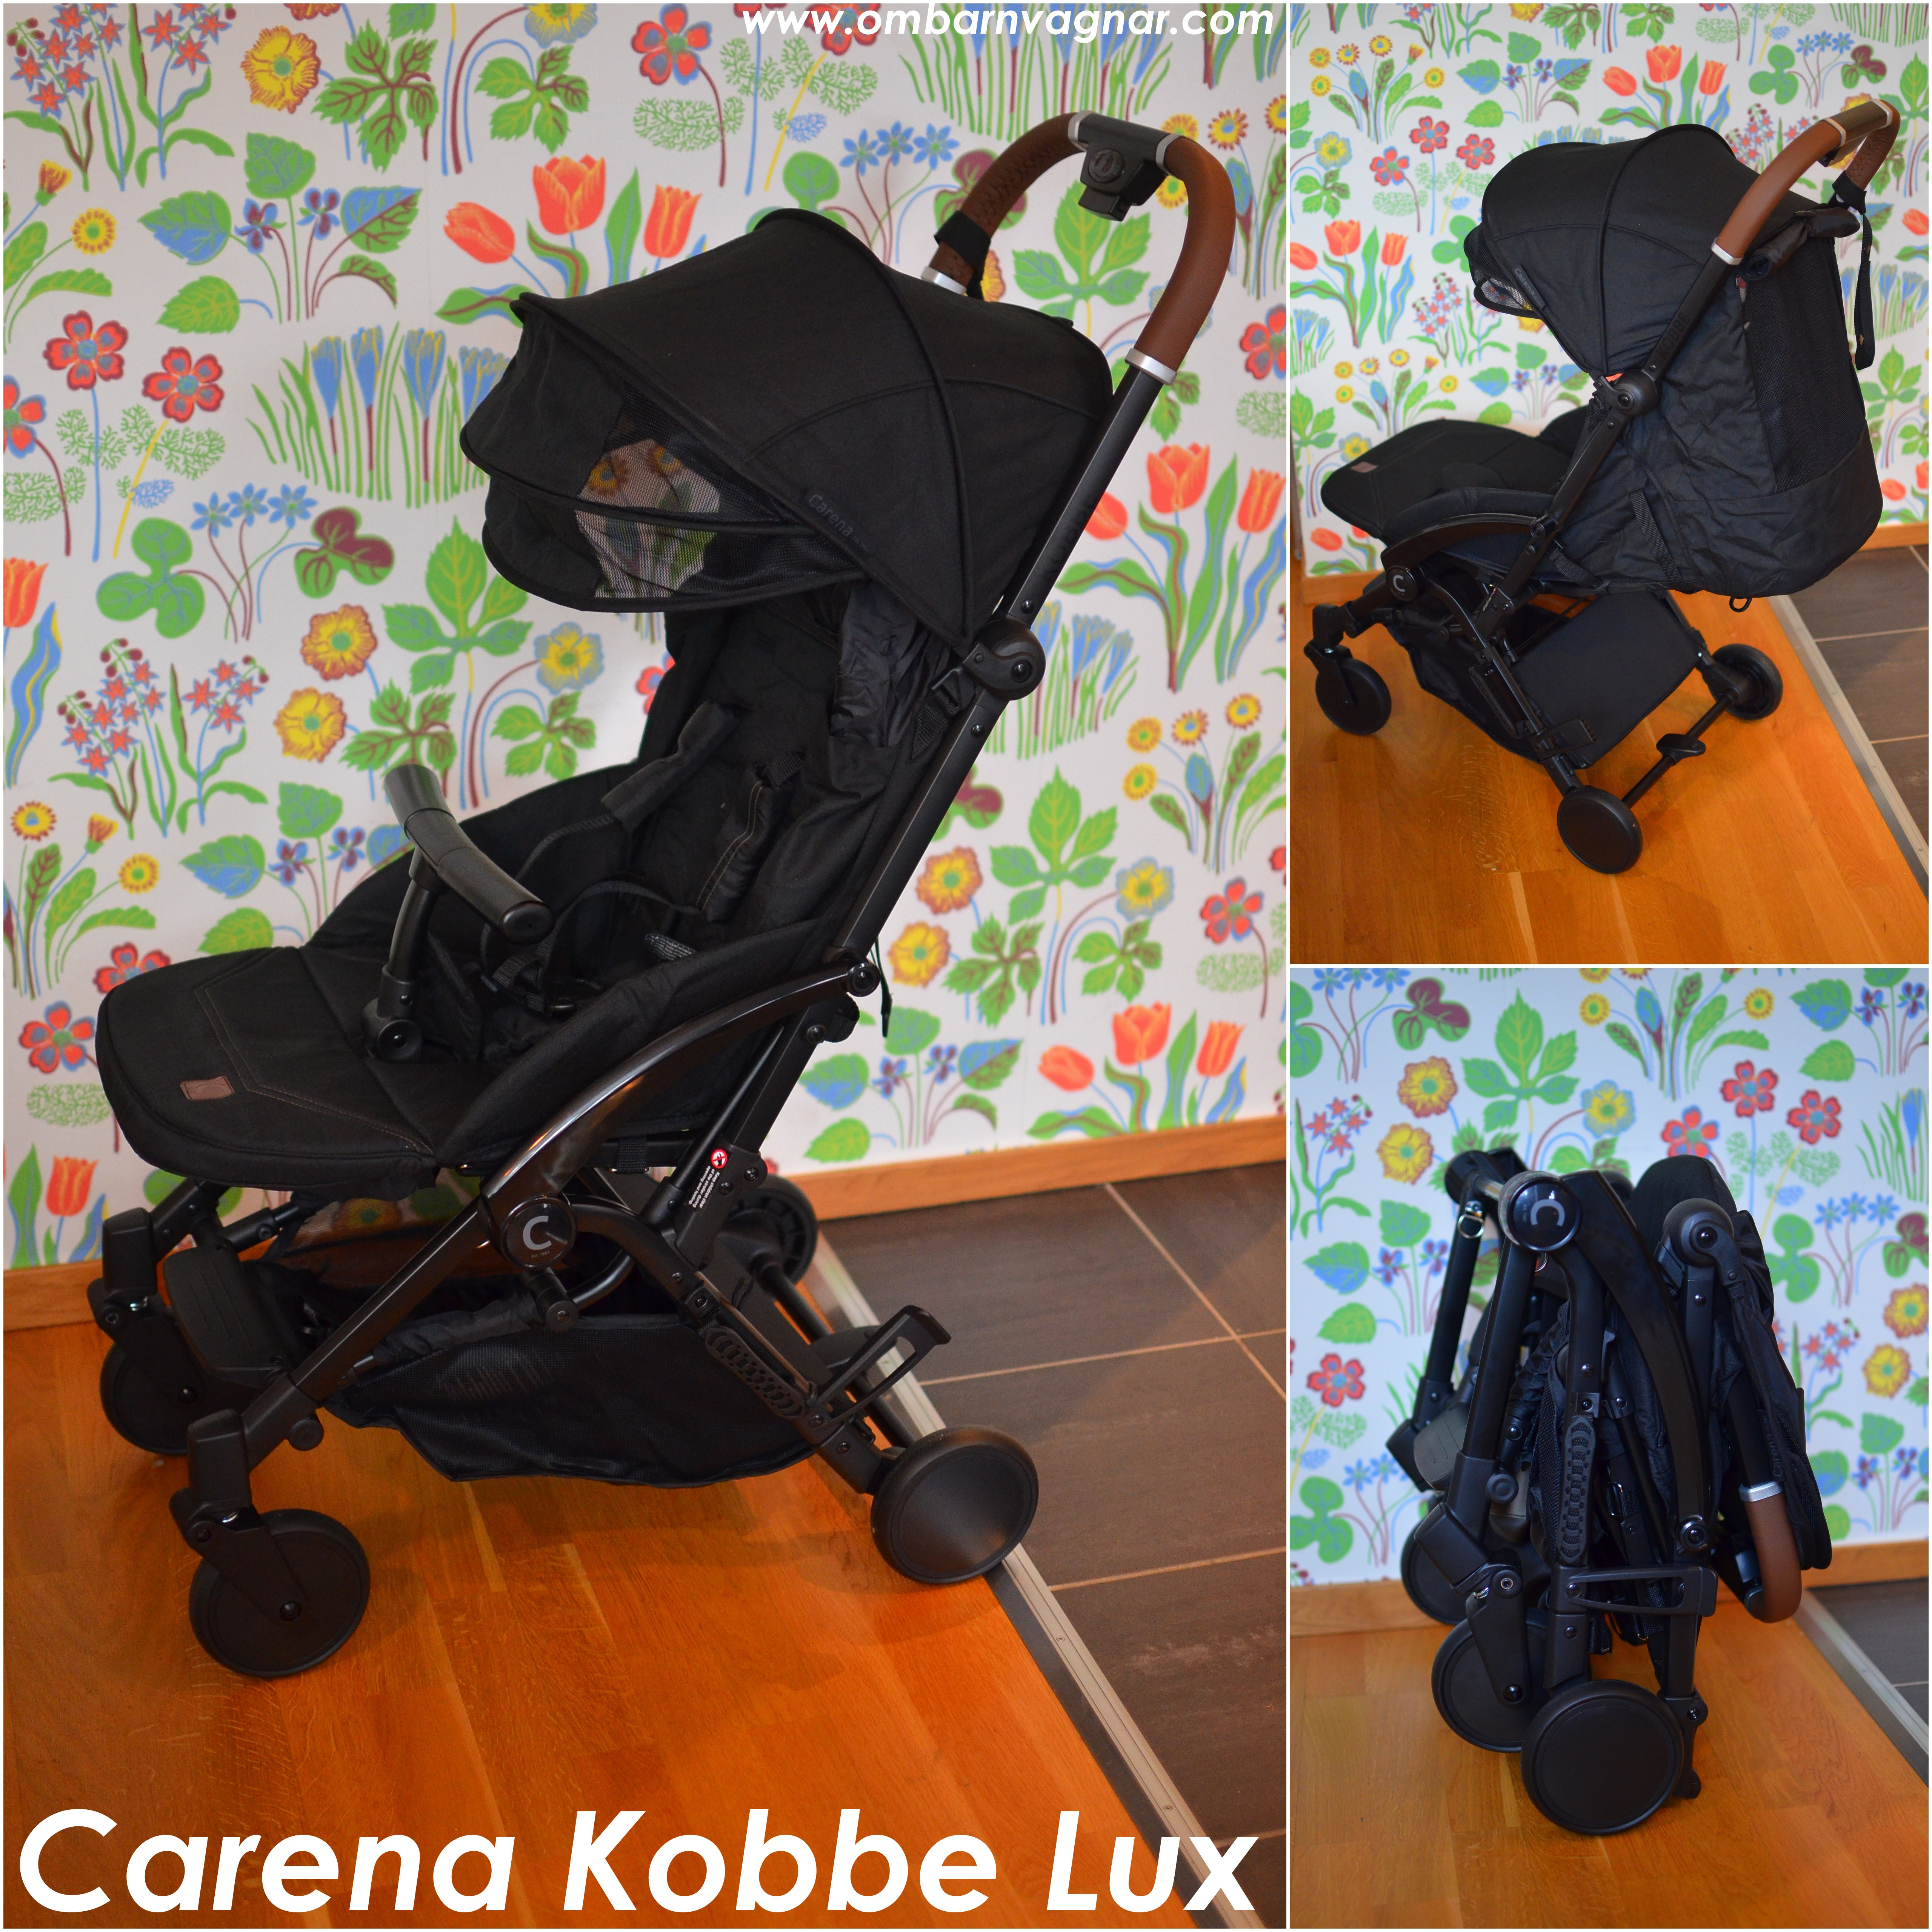 Recension av Carena Kobbe Basic, Carena Kobbe Trend, Carena Kobbe Lux